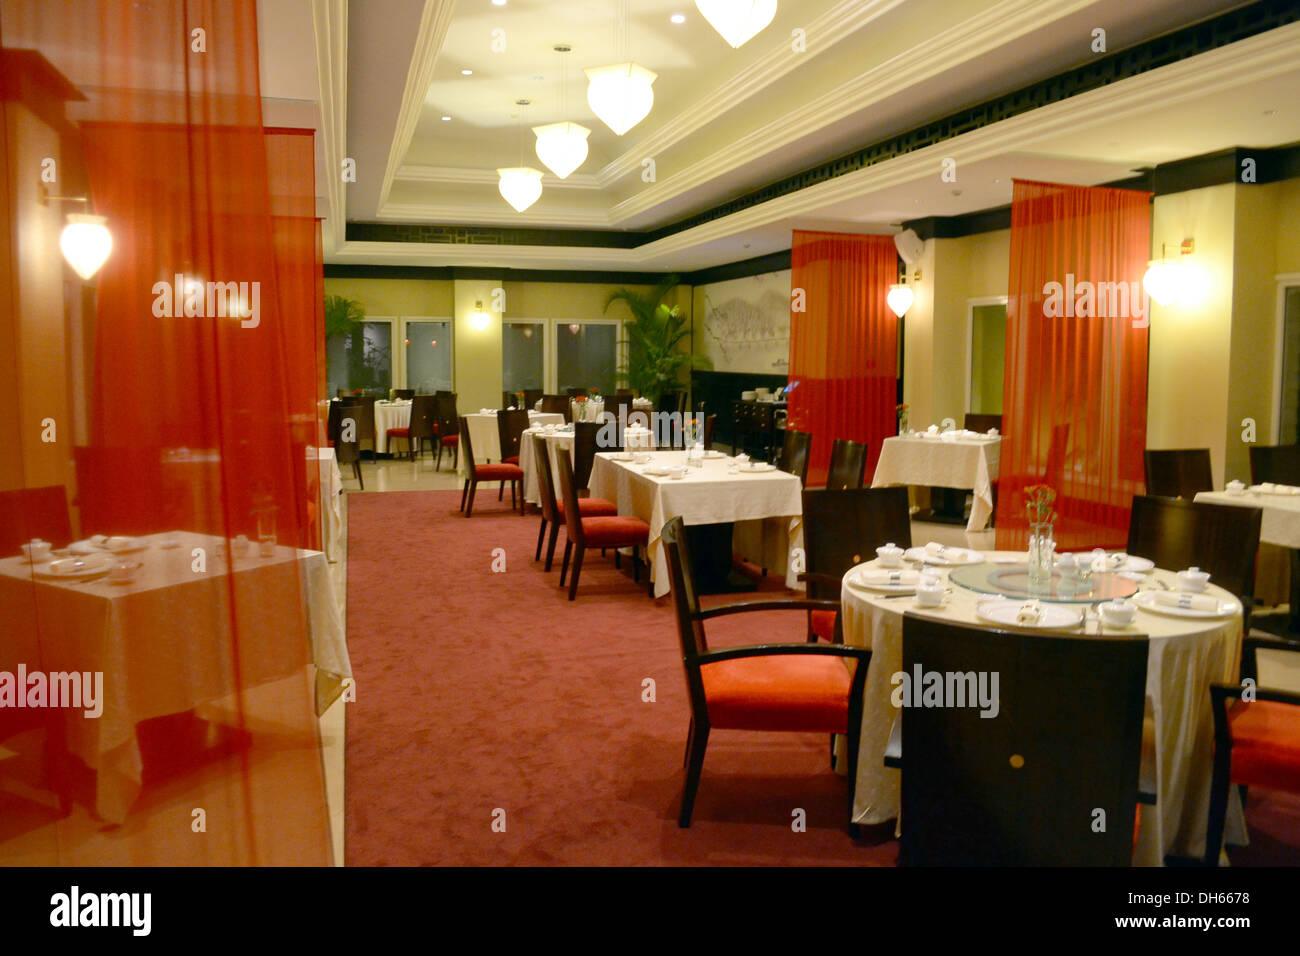 Amusing orange restaurant decor design inspiration of